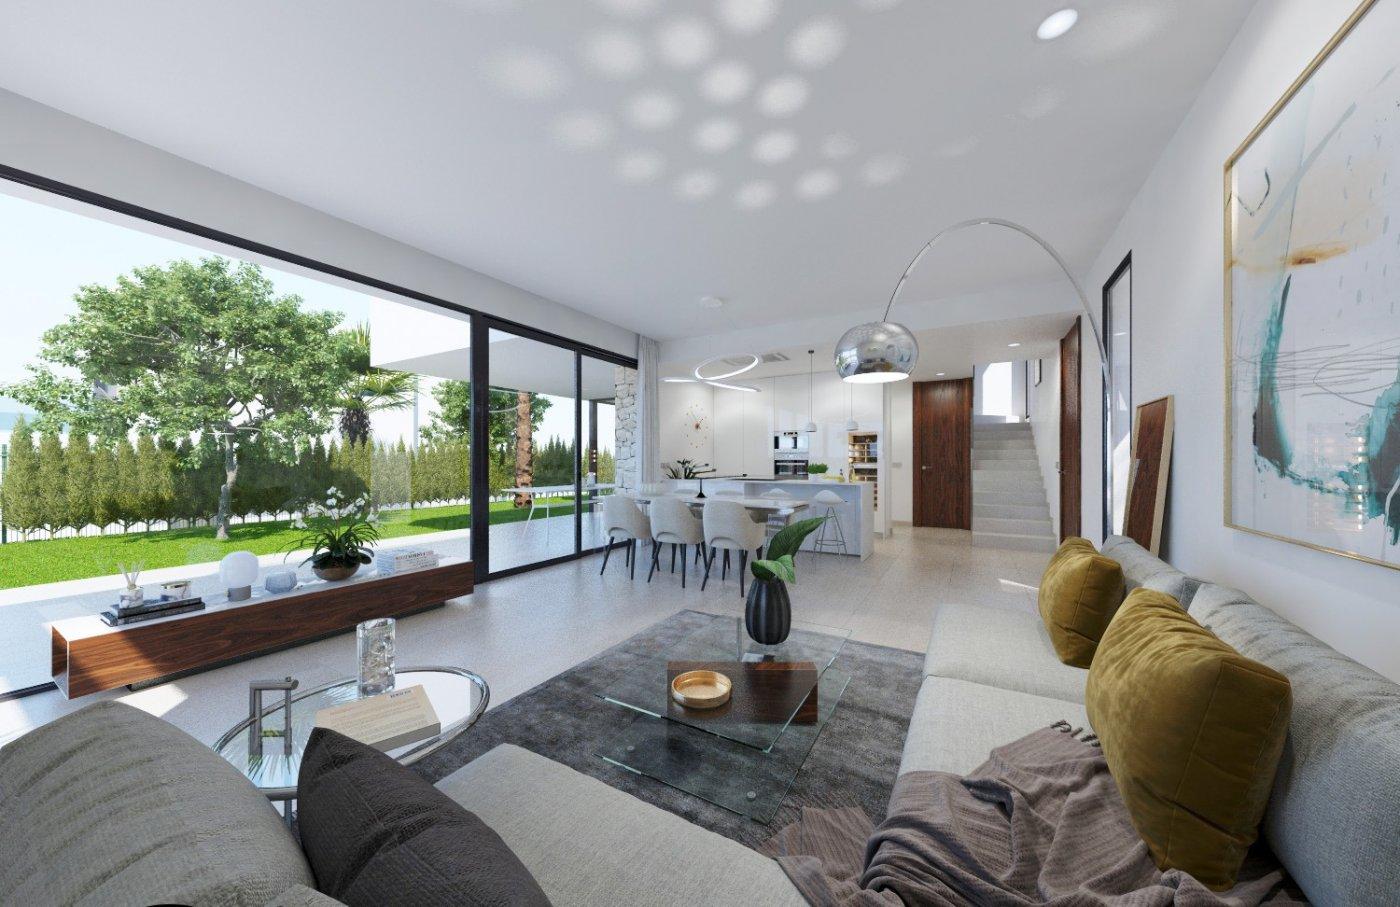 Villas de obra nueva modernas con vistas al mar en sierra cortina - imagenInmueble9